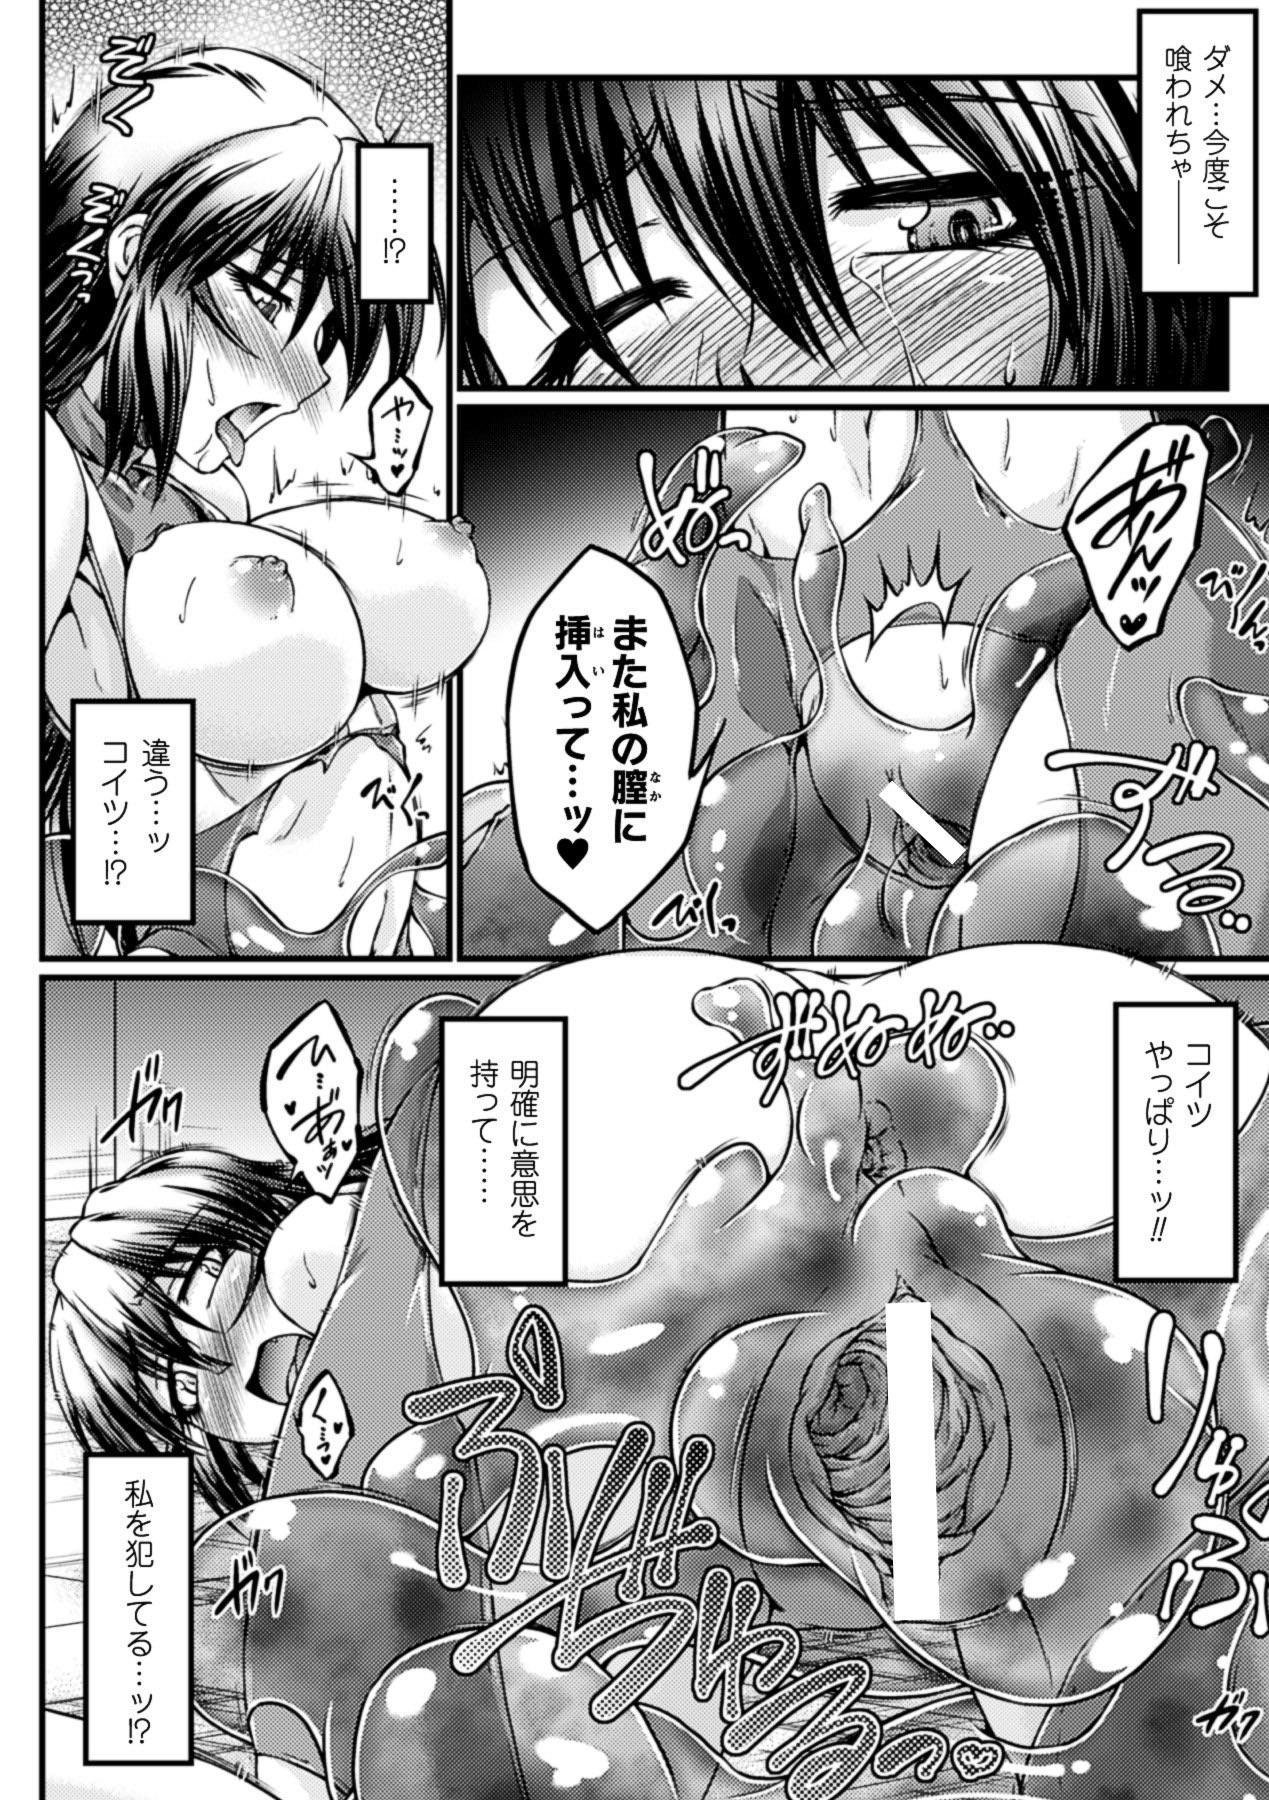 Slime ni Matowari Tsukarete Zecchou Suru Bishoujo-tachi Vol.2 37